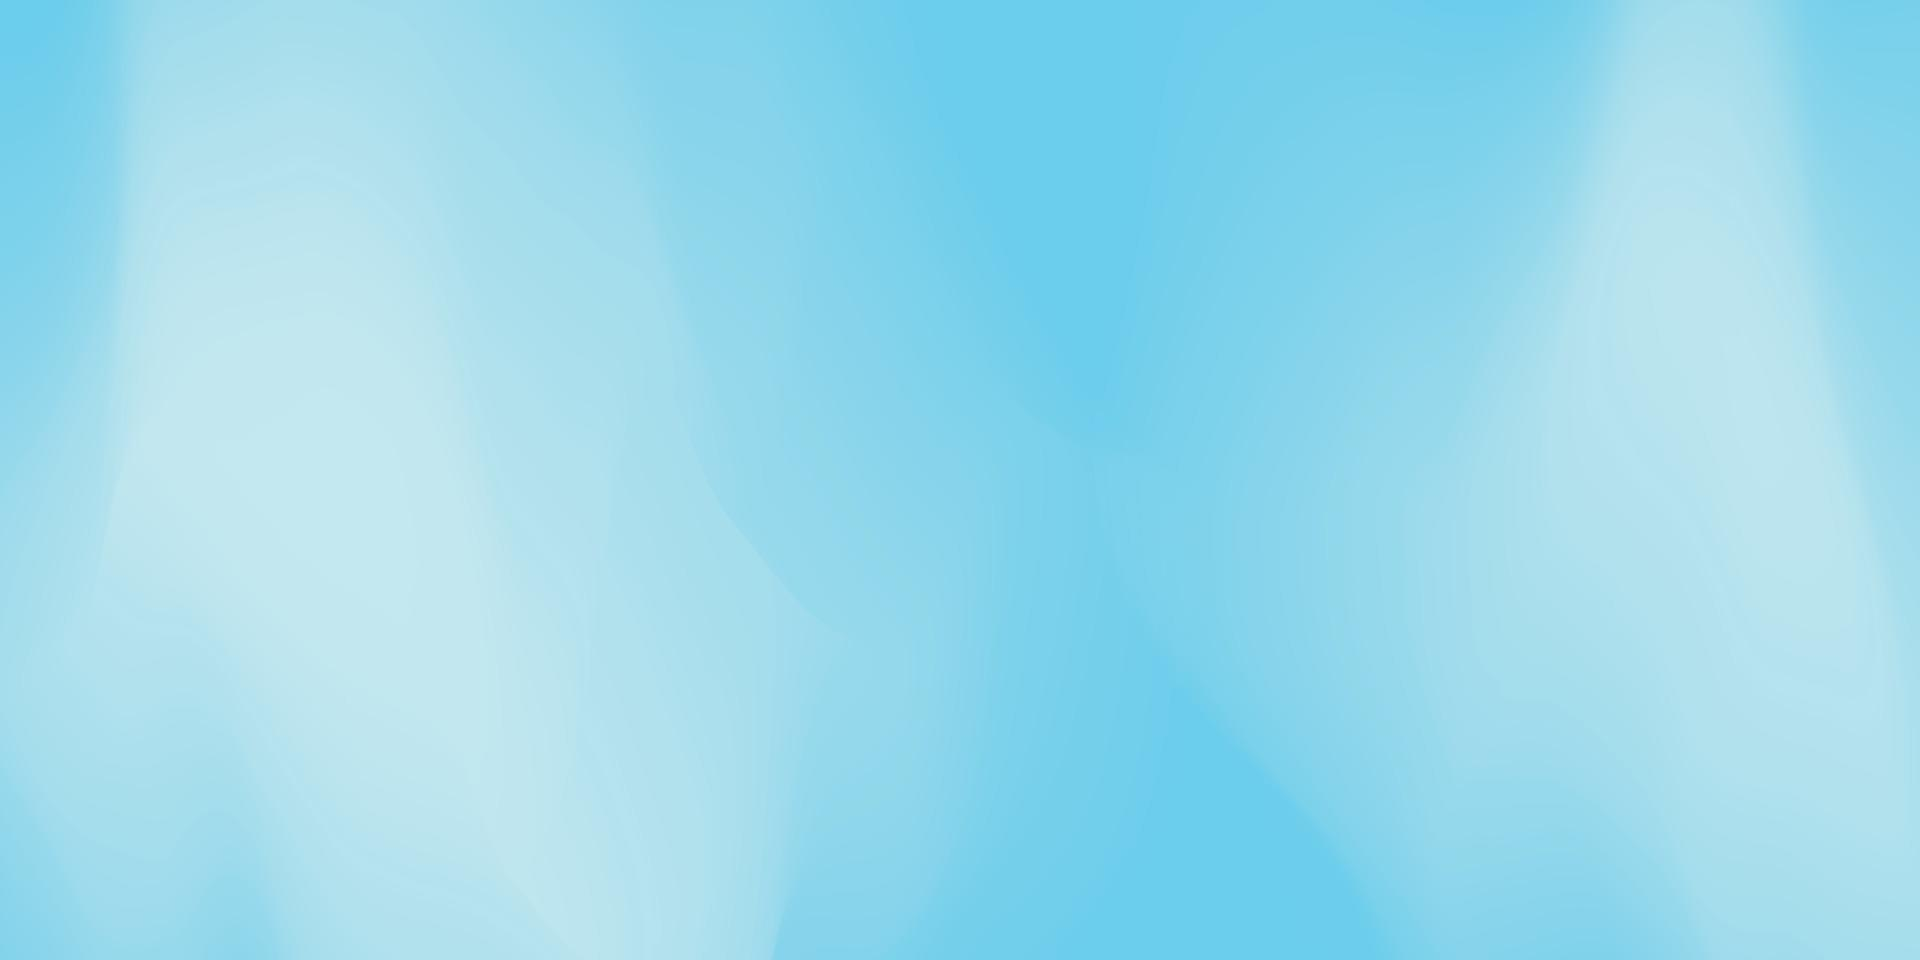 abstract pastel blauw kleurverloop achtergrondconcept voor uw grafisch kleurrijk ontwerp, vector